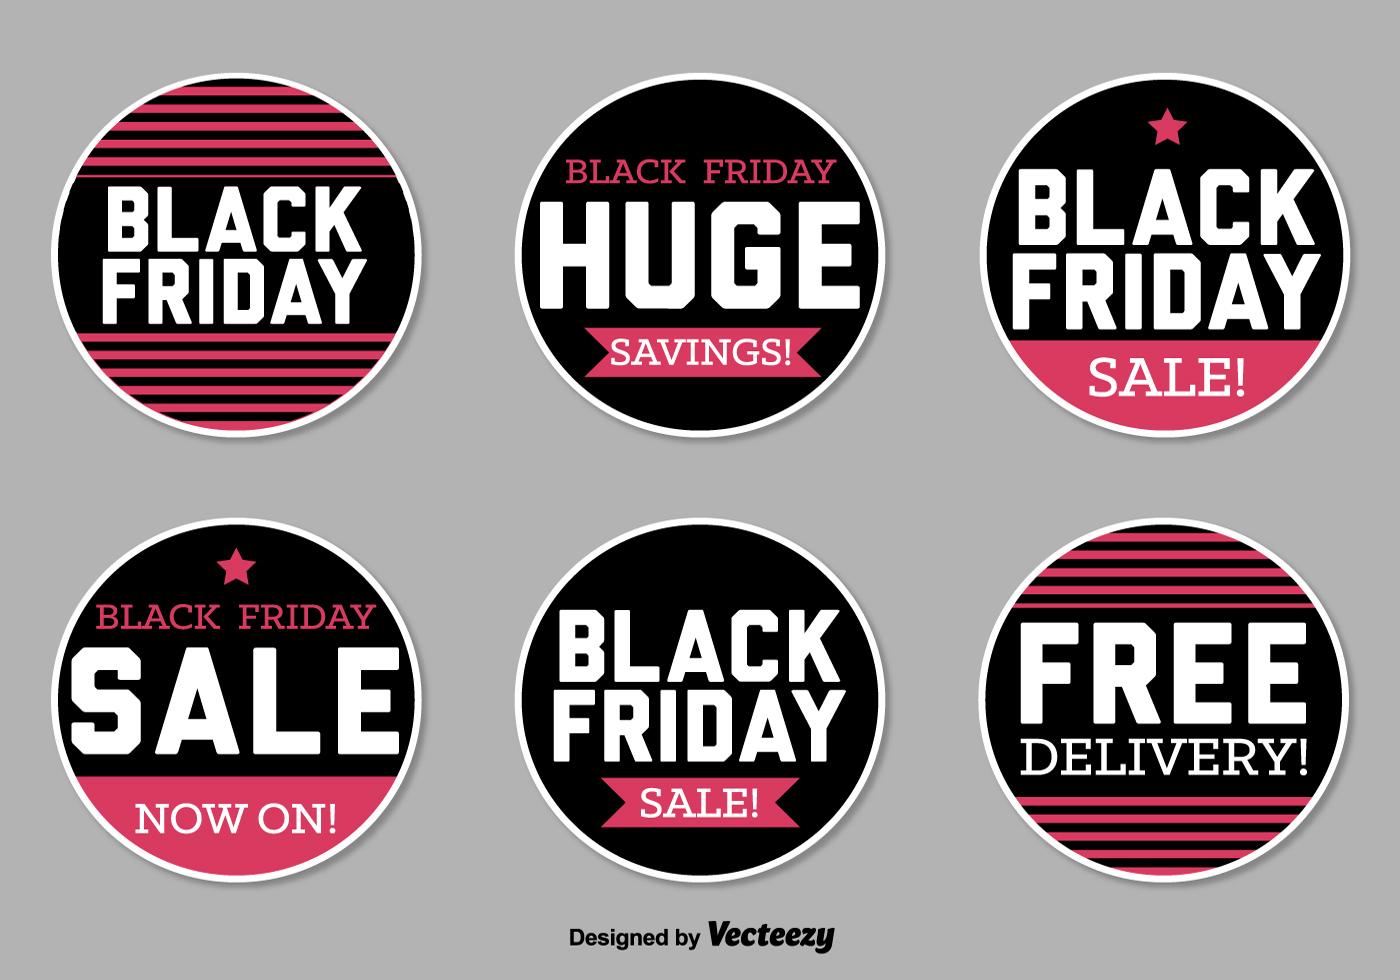 Autocollants vendredi noir téléchargez de lart des graphiques et des images vectoriels gratuits